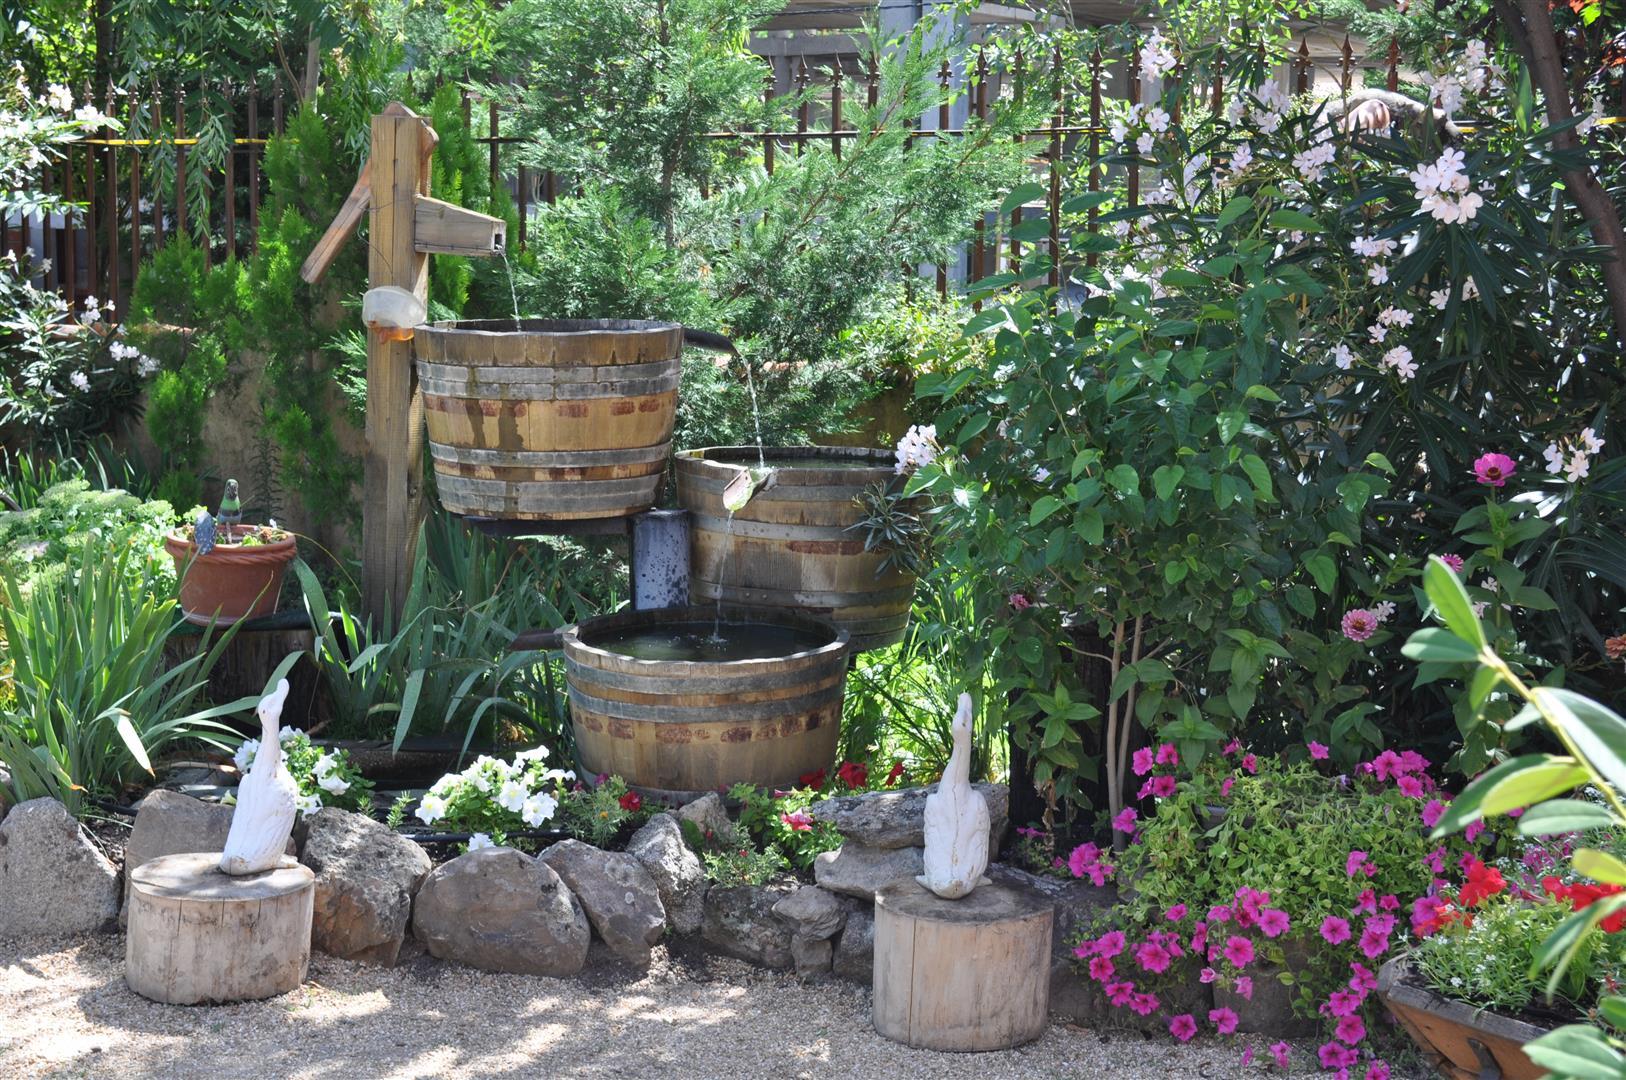 Jardines casas rurales las cavas for Casas para herramientas de jardin